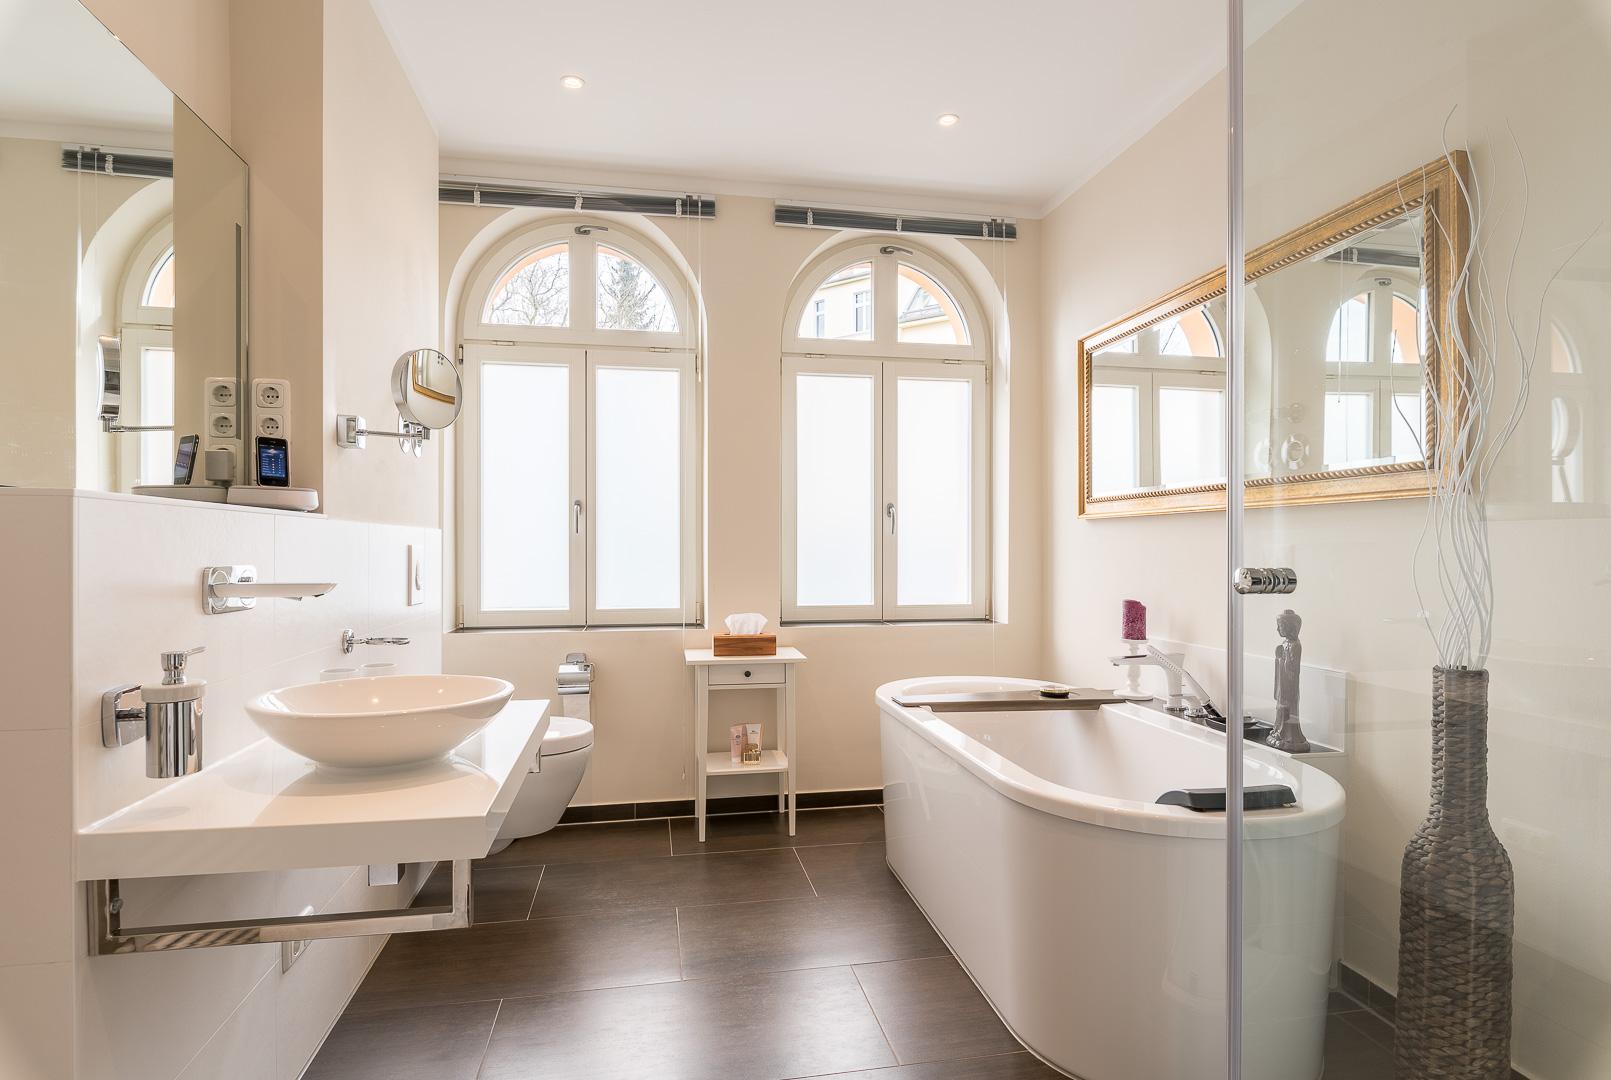 Hochmodernes Badezimmer im historischen Schloss-Ambiente | PrimePhoto